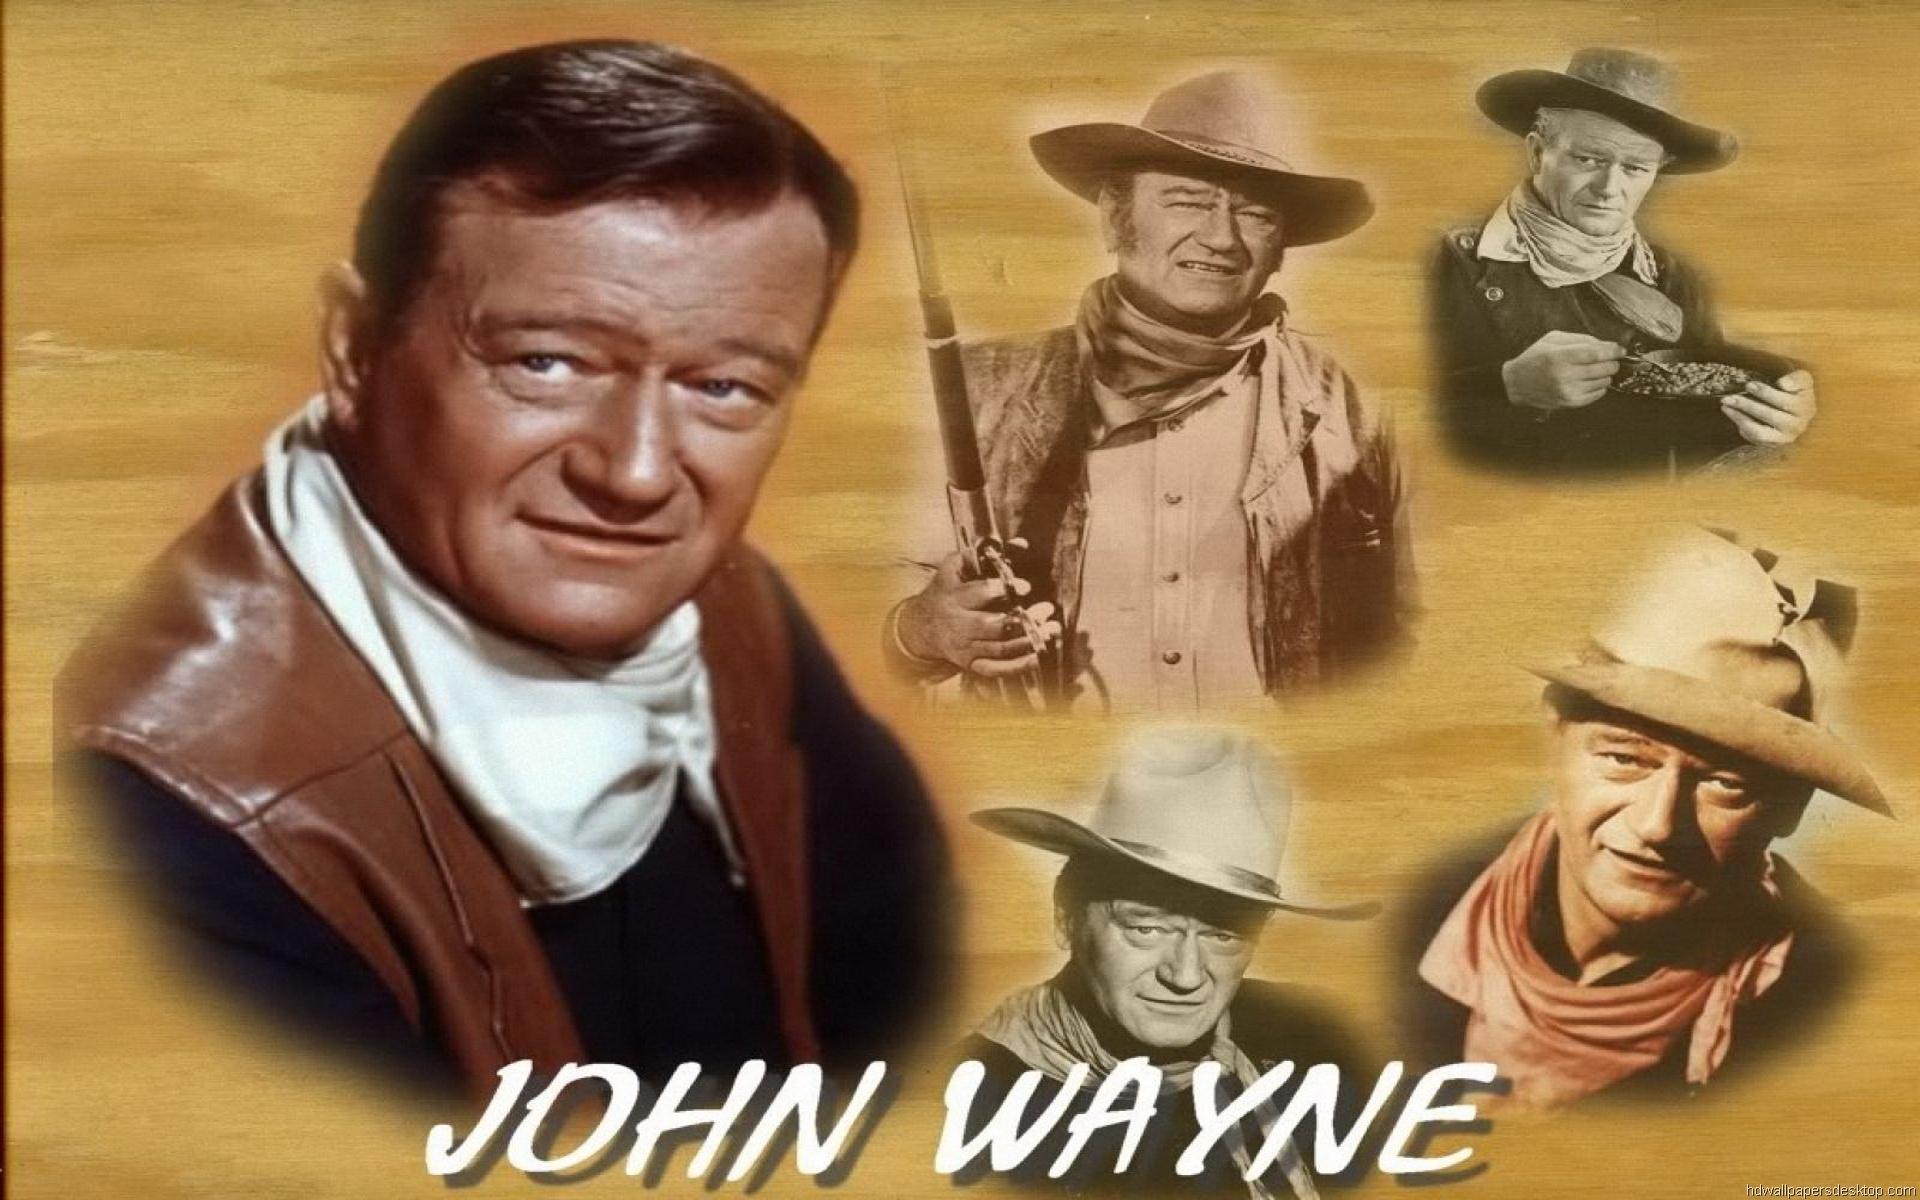 john wayne john wayne wallpaper 31495087 fanpop